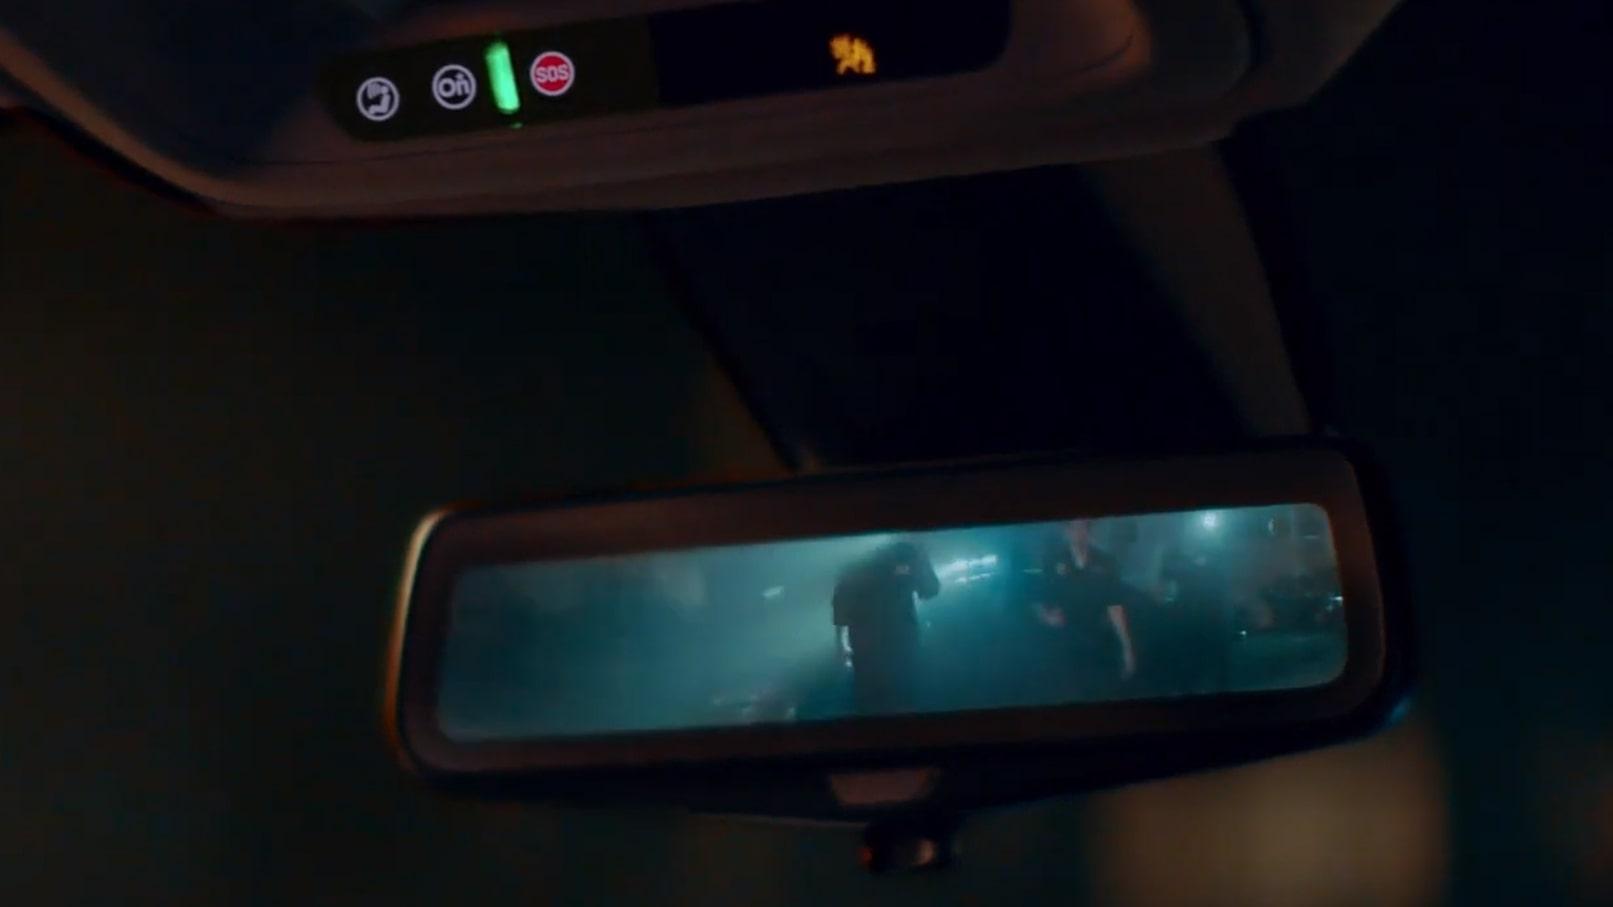 Chevrolet Onix - Video de Seguridad OnStar de tu Auto Moderno